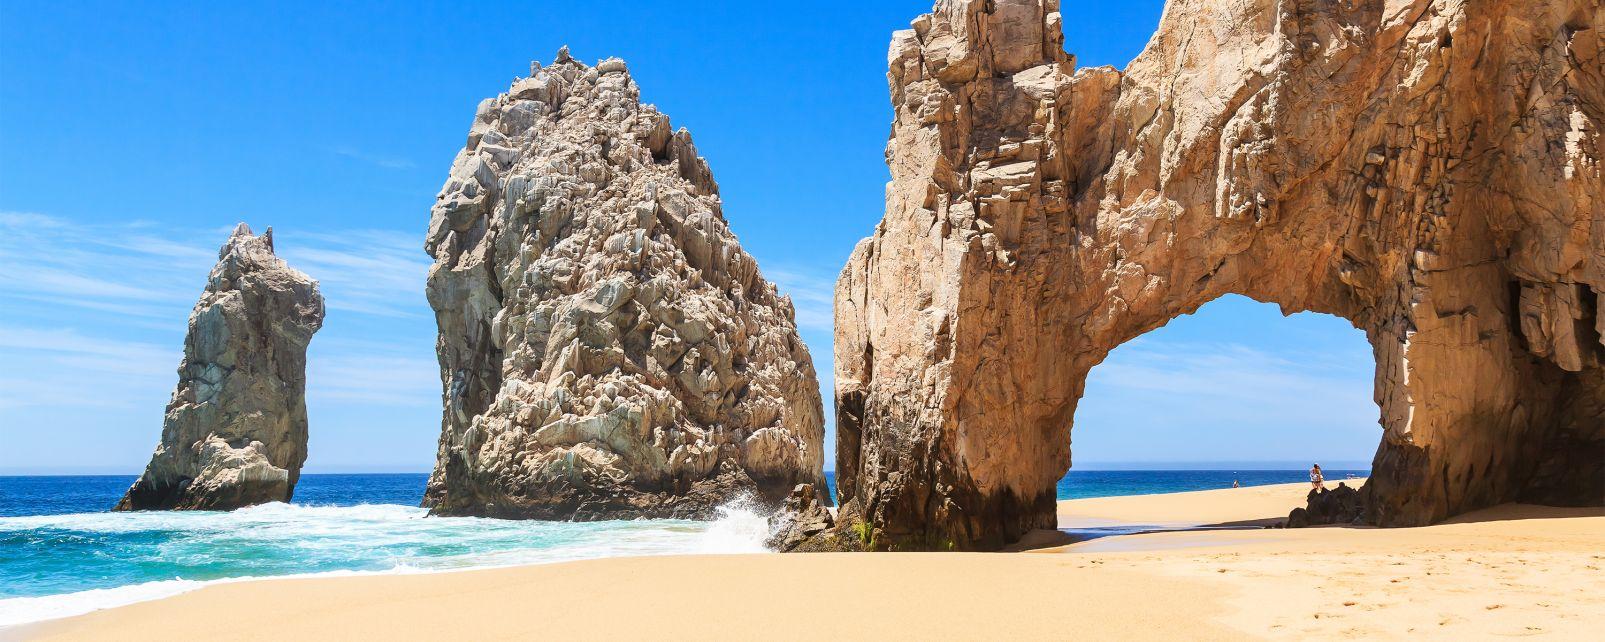 Les paysages, Mexique, cabo san luca, amérique, basse-californie